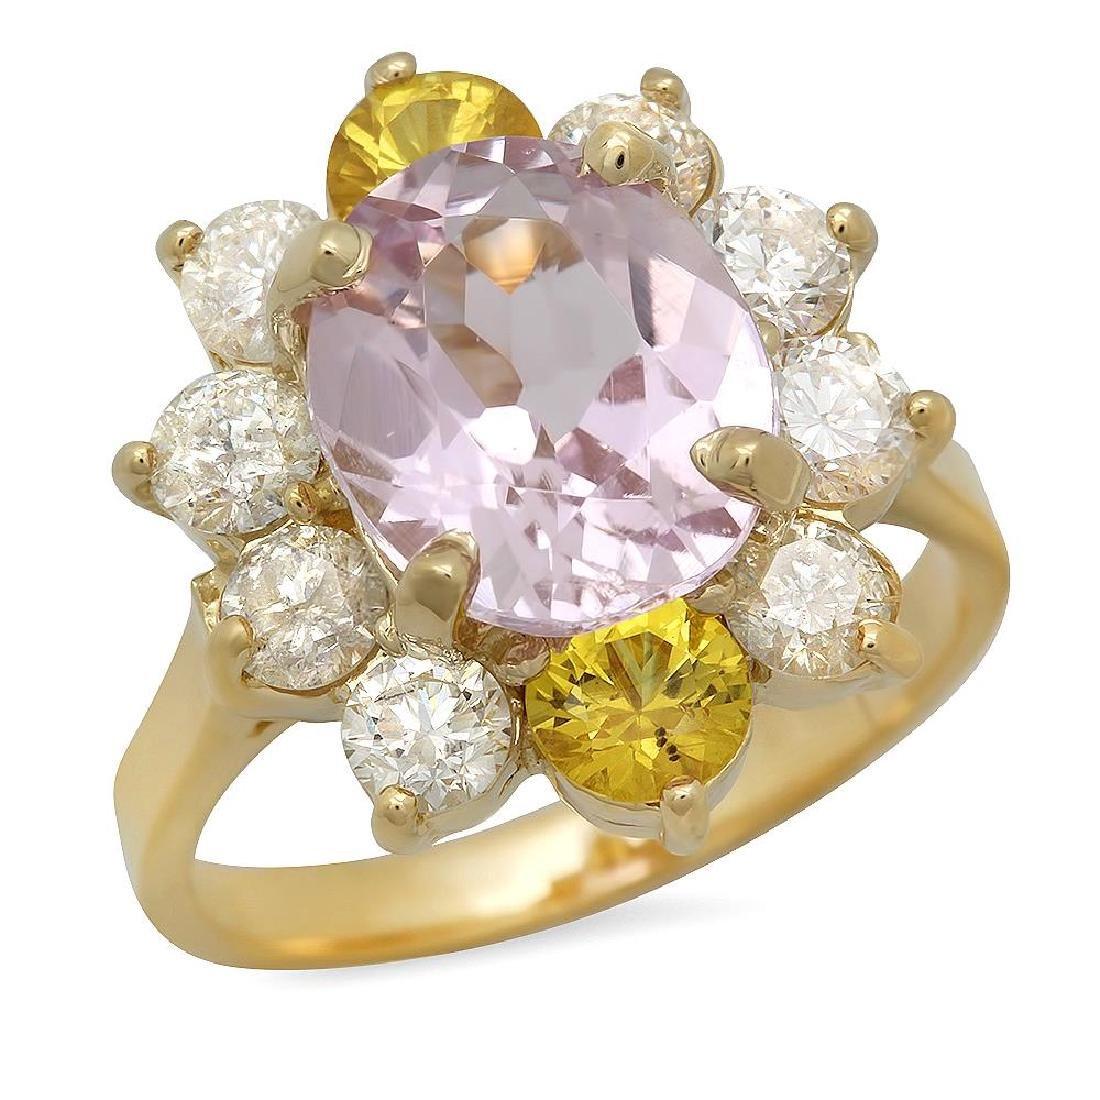 14K Gold 3.61ct Kunzite 0.86ct Sapphire 1.36ct Diamond